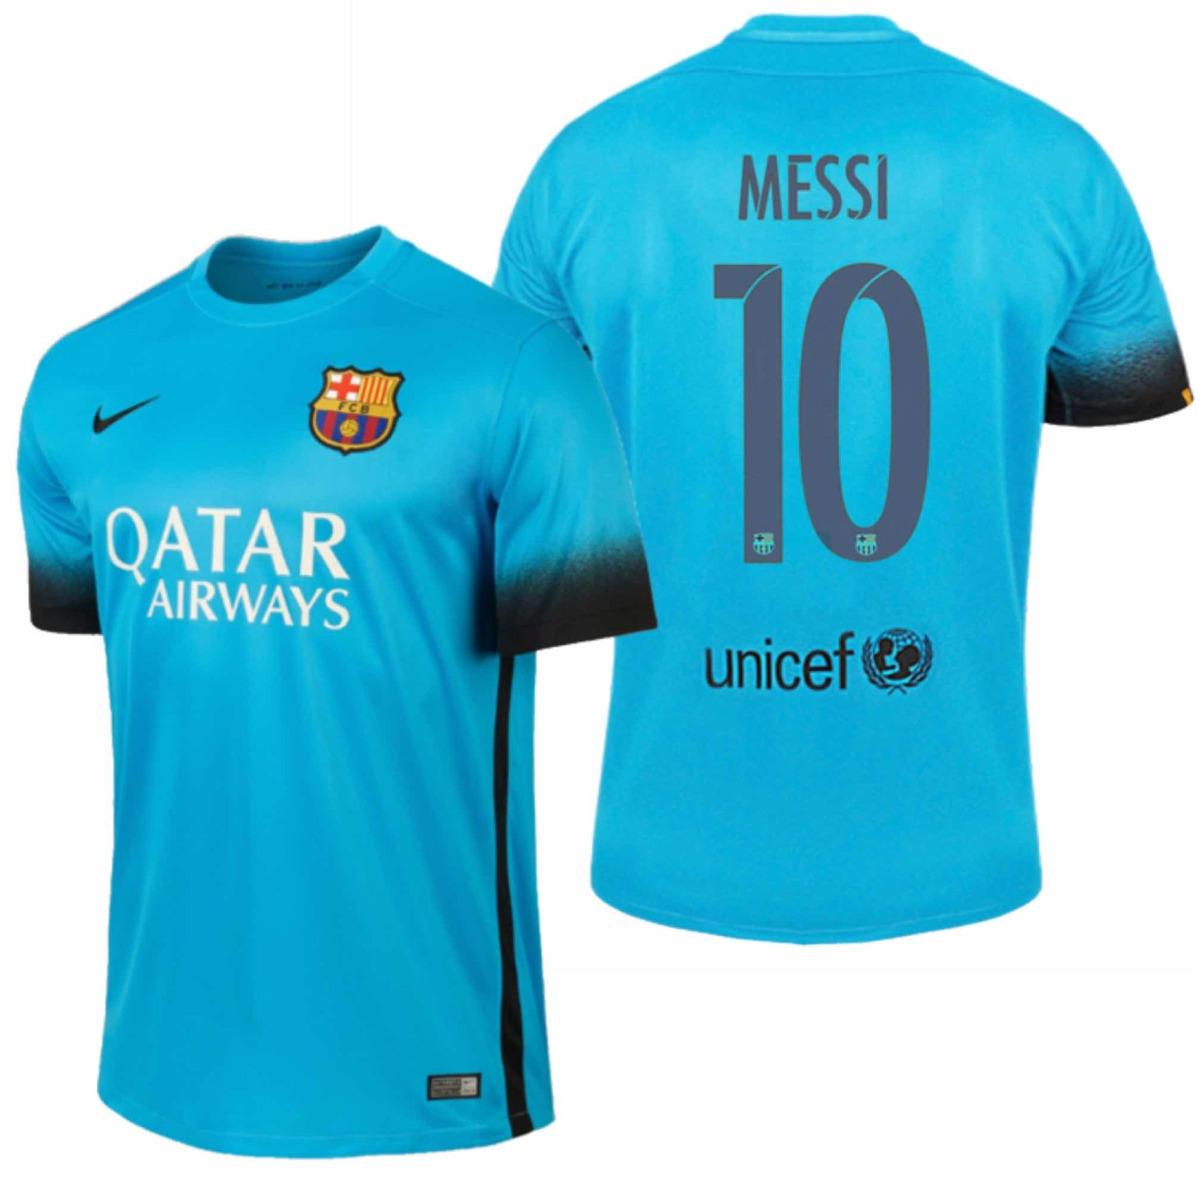 camiseta 100% original fc barcelona 3era equipacion 15 16. Cargando zoom. 71247589eef